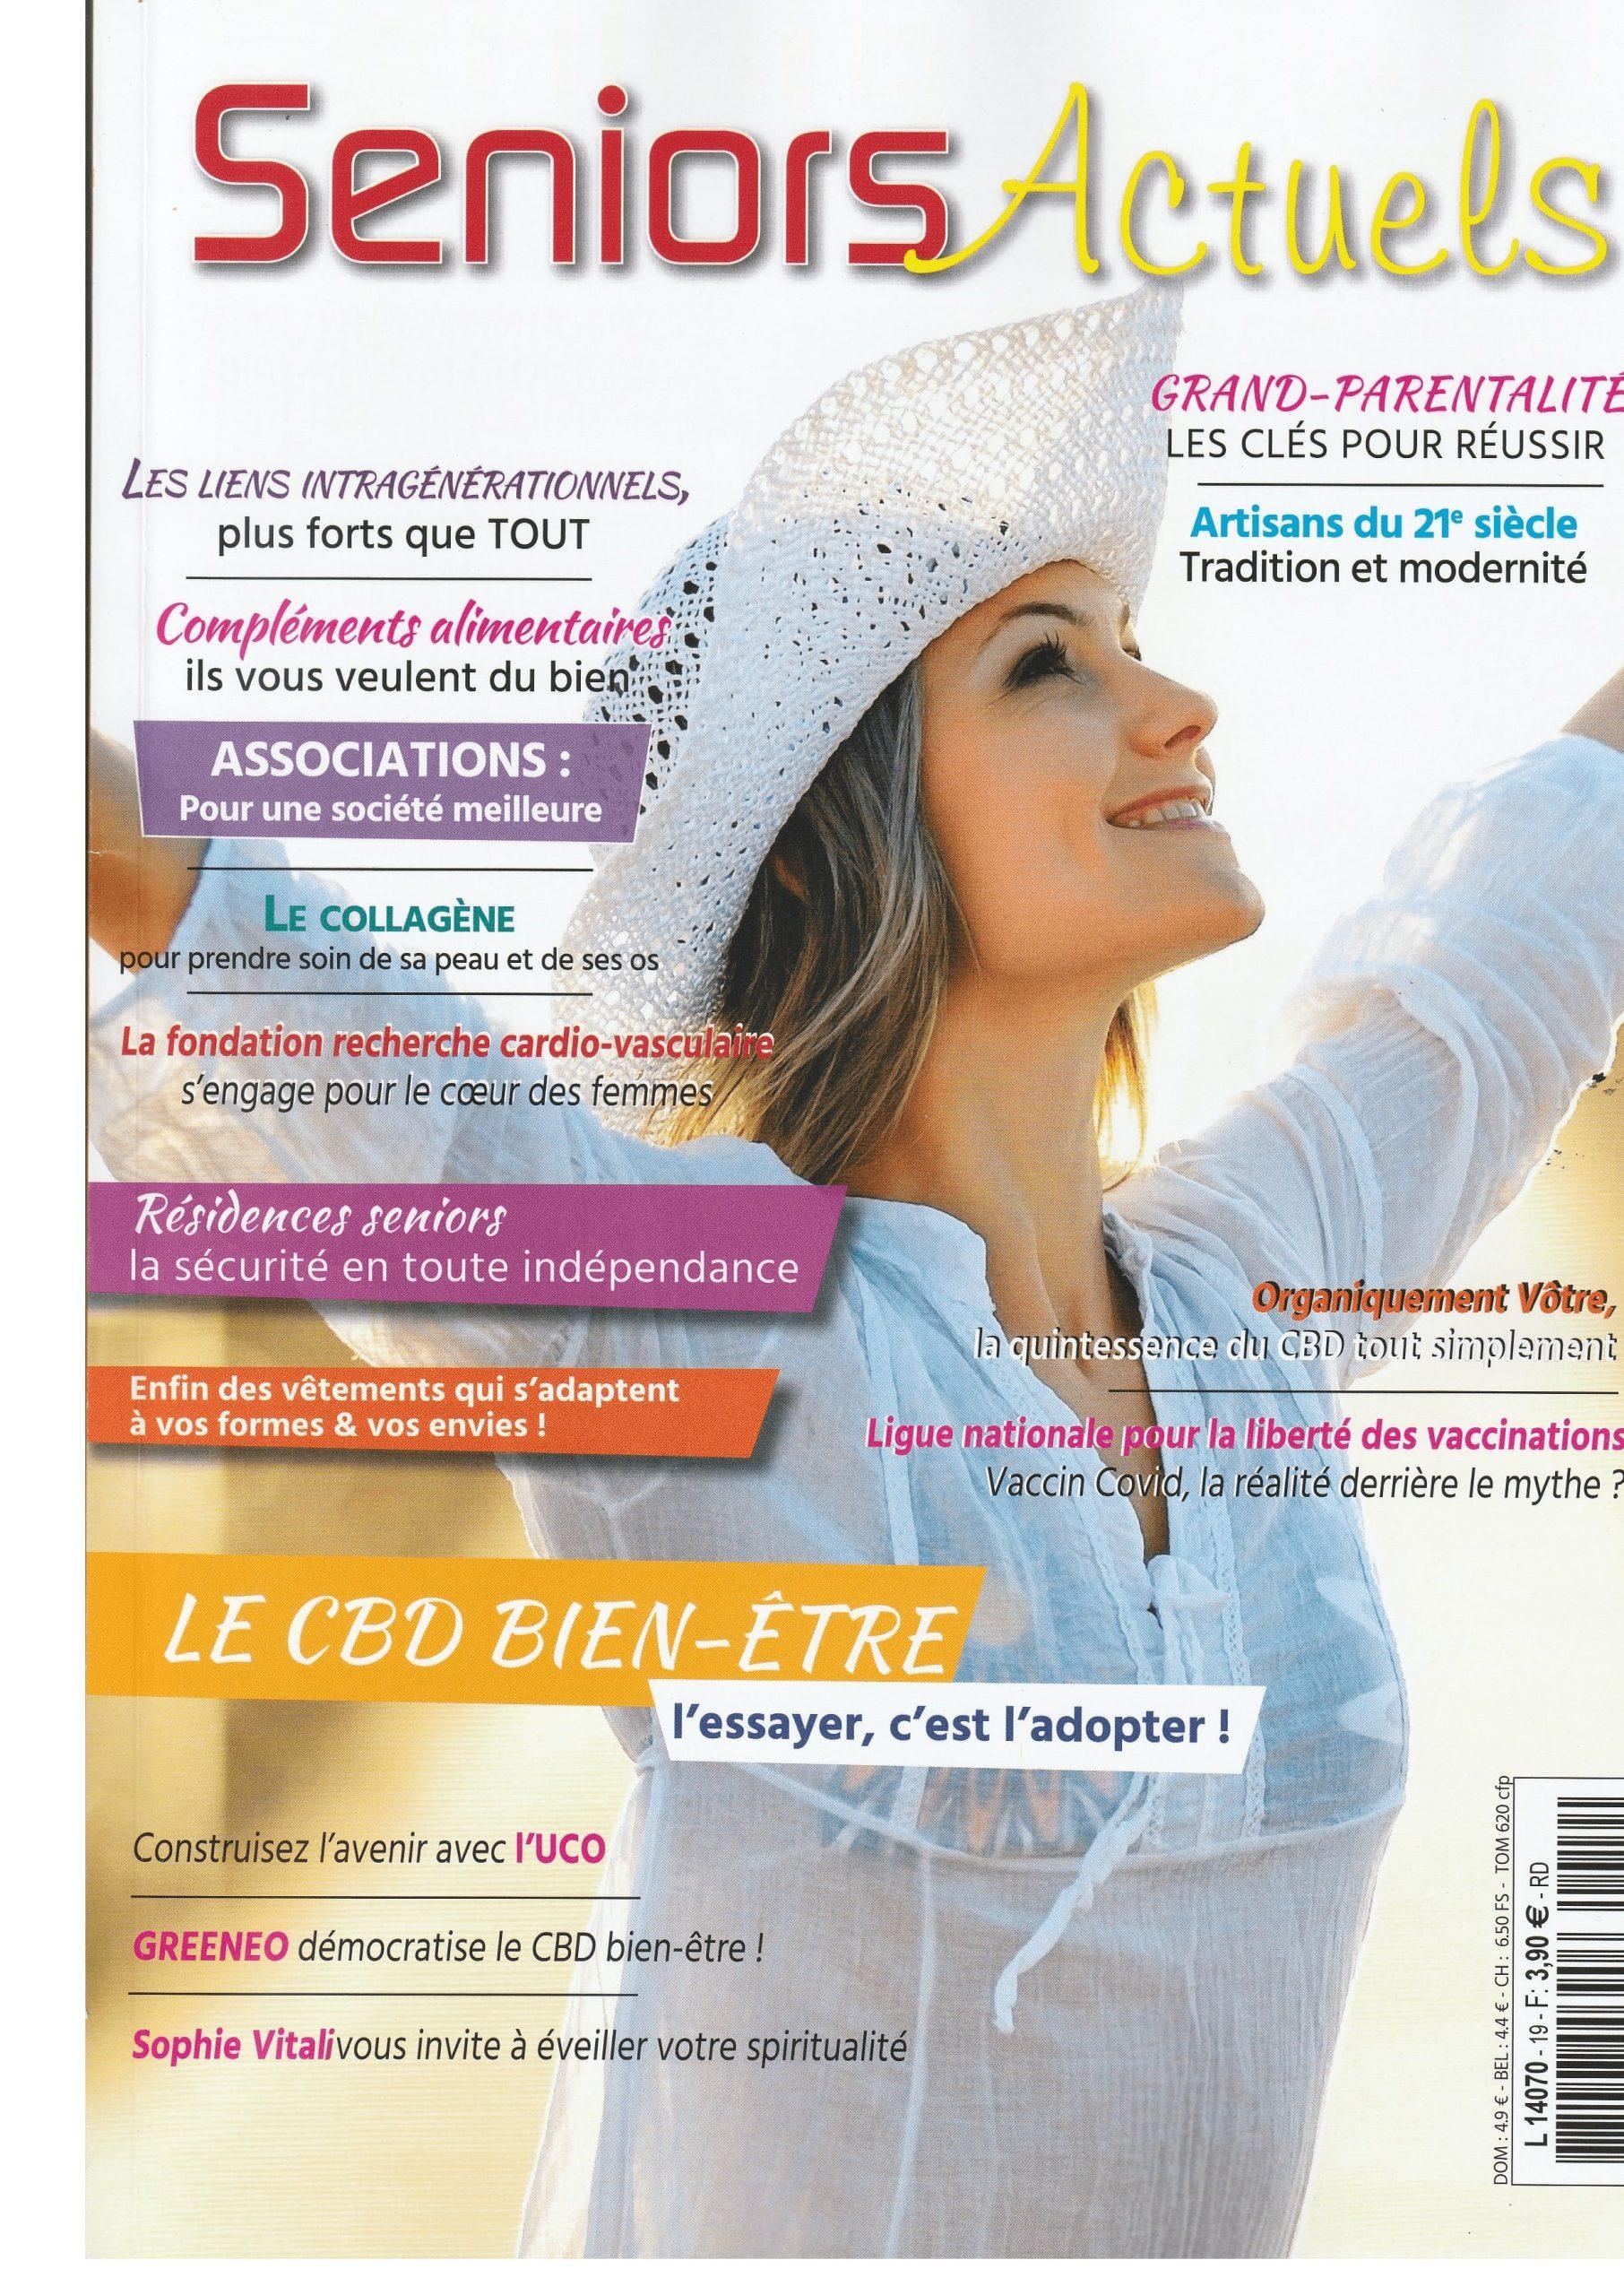 Sophie Vitali médium et voyante corse en interview dans le magazine Séniors Actuels juin 2021